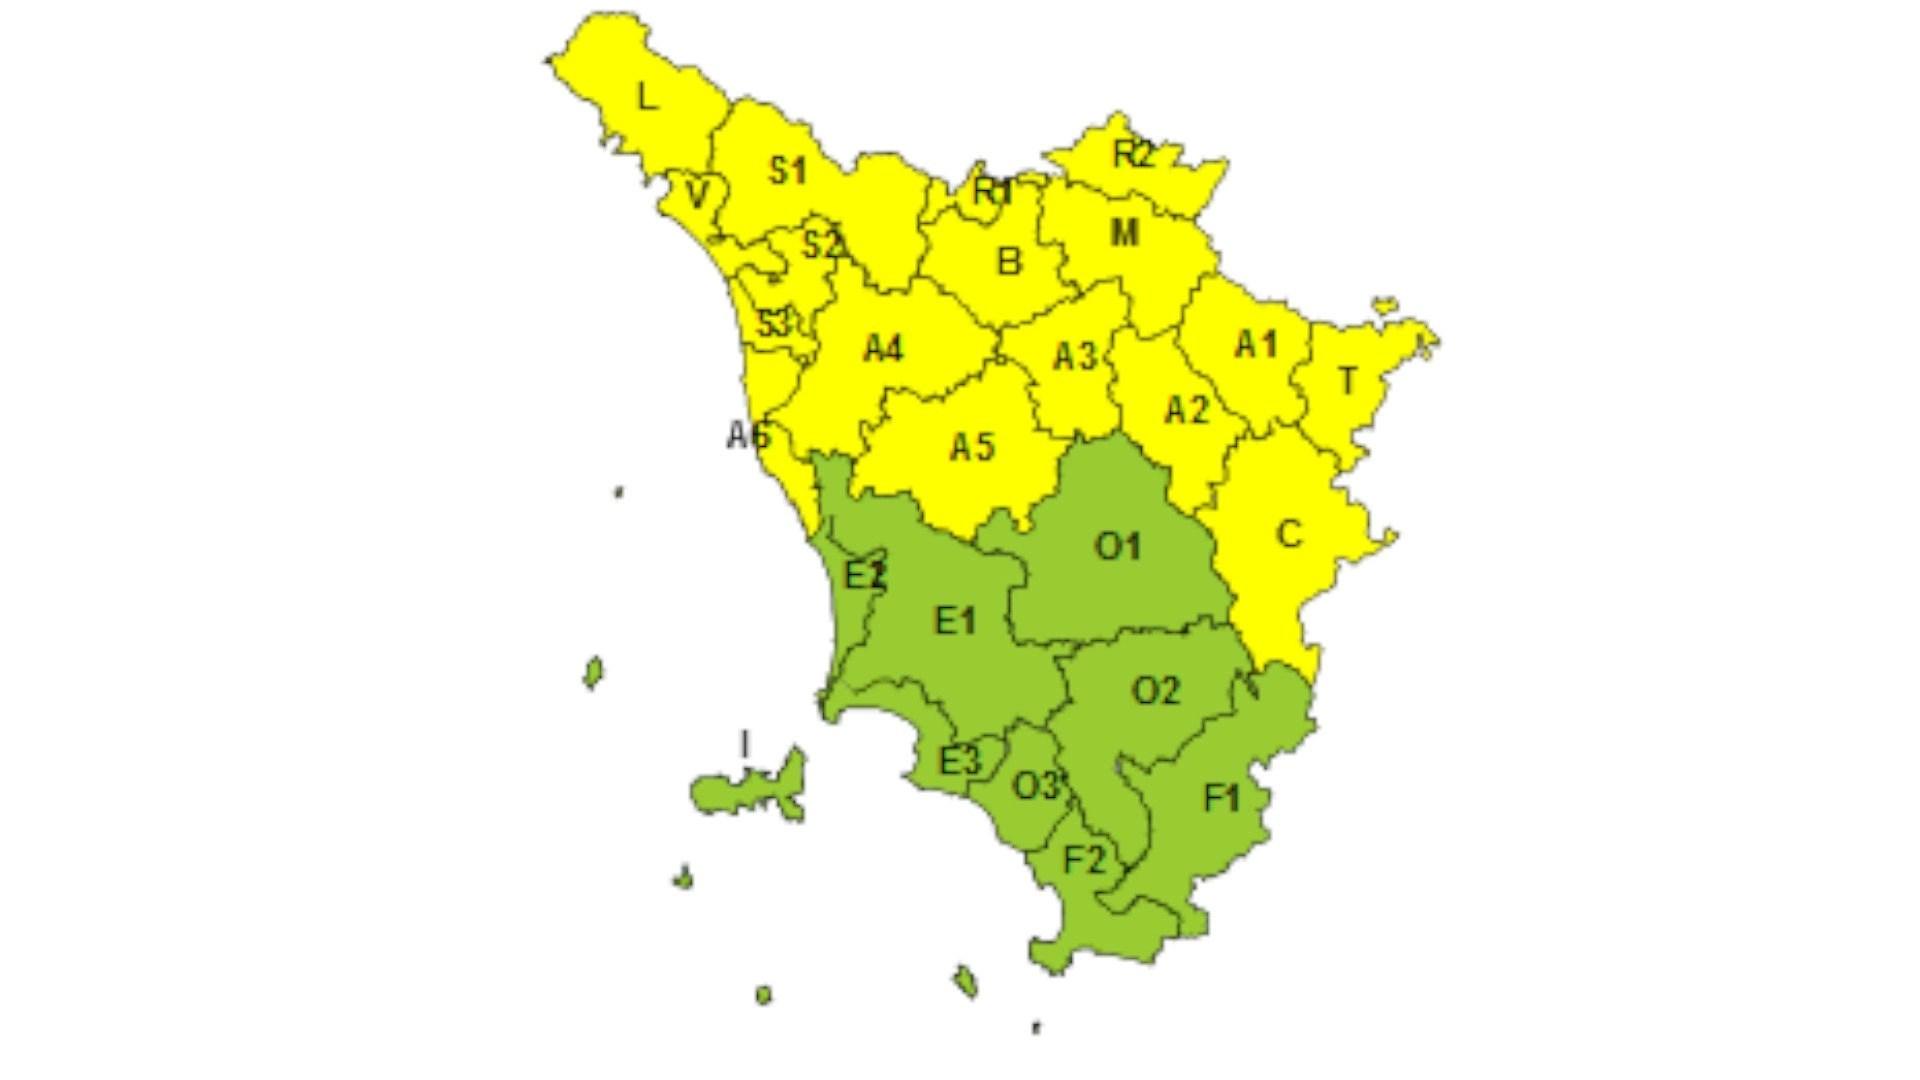 TOSCANA - Codice giallo per temporali il 17 settembre